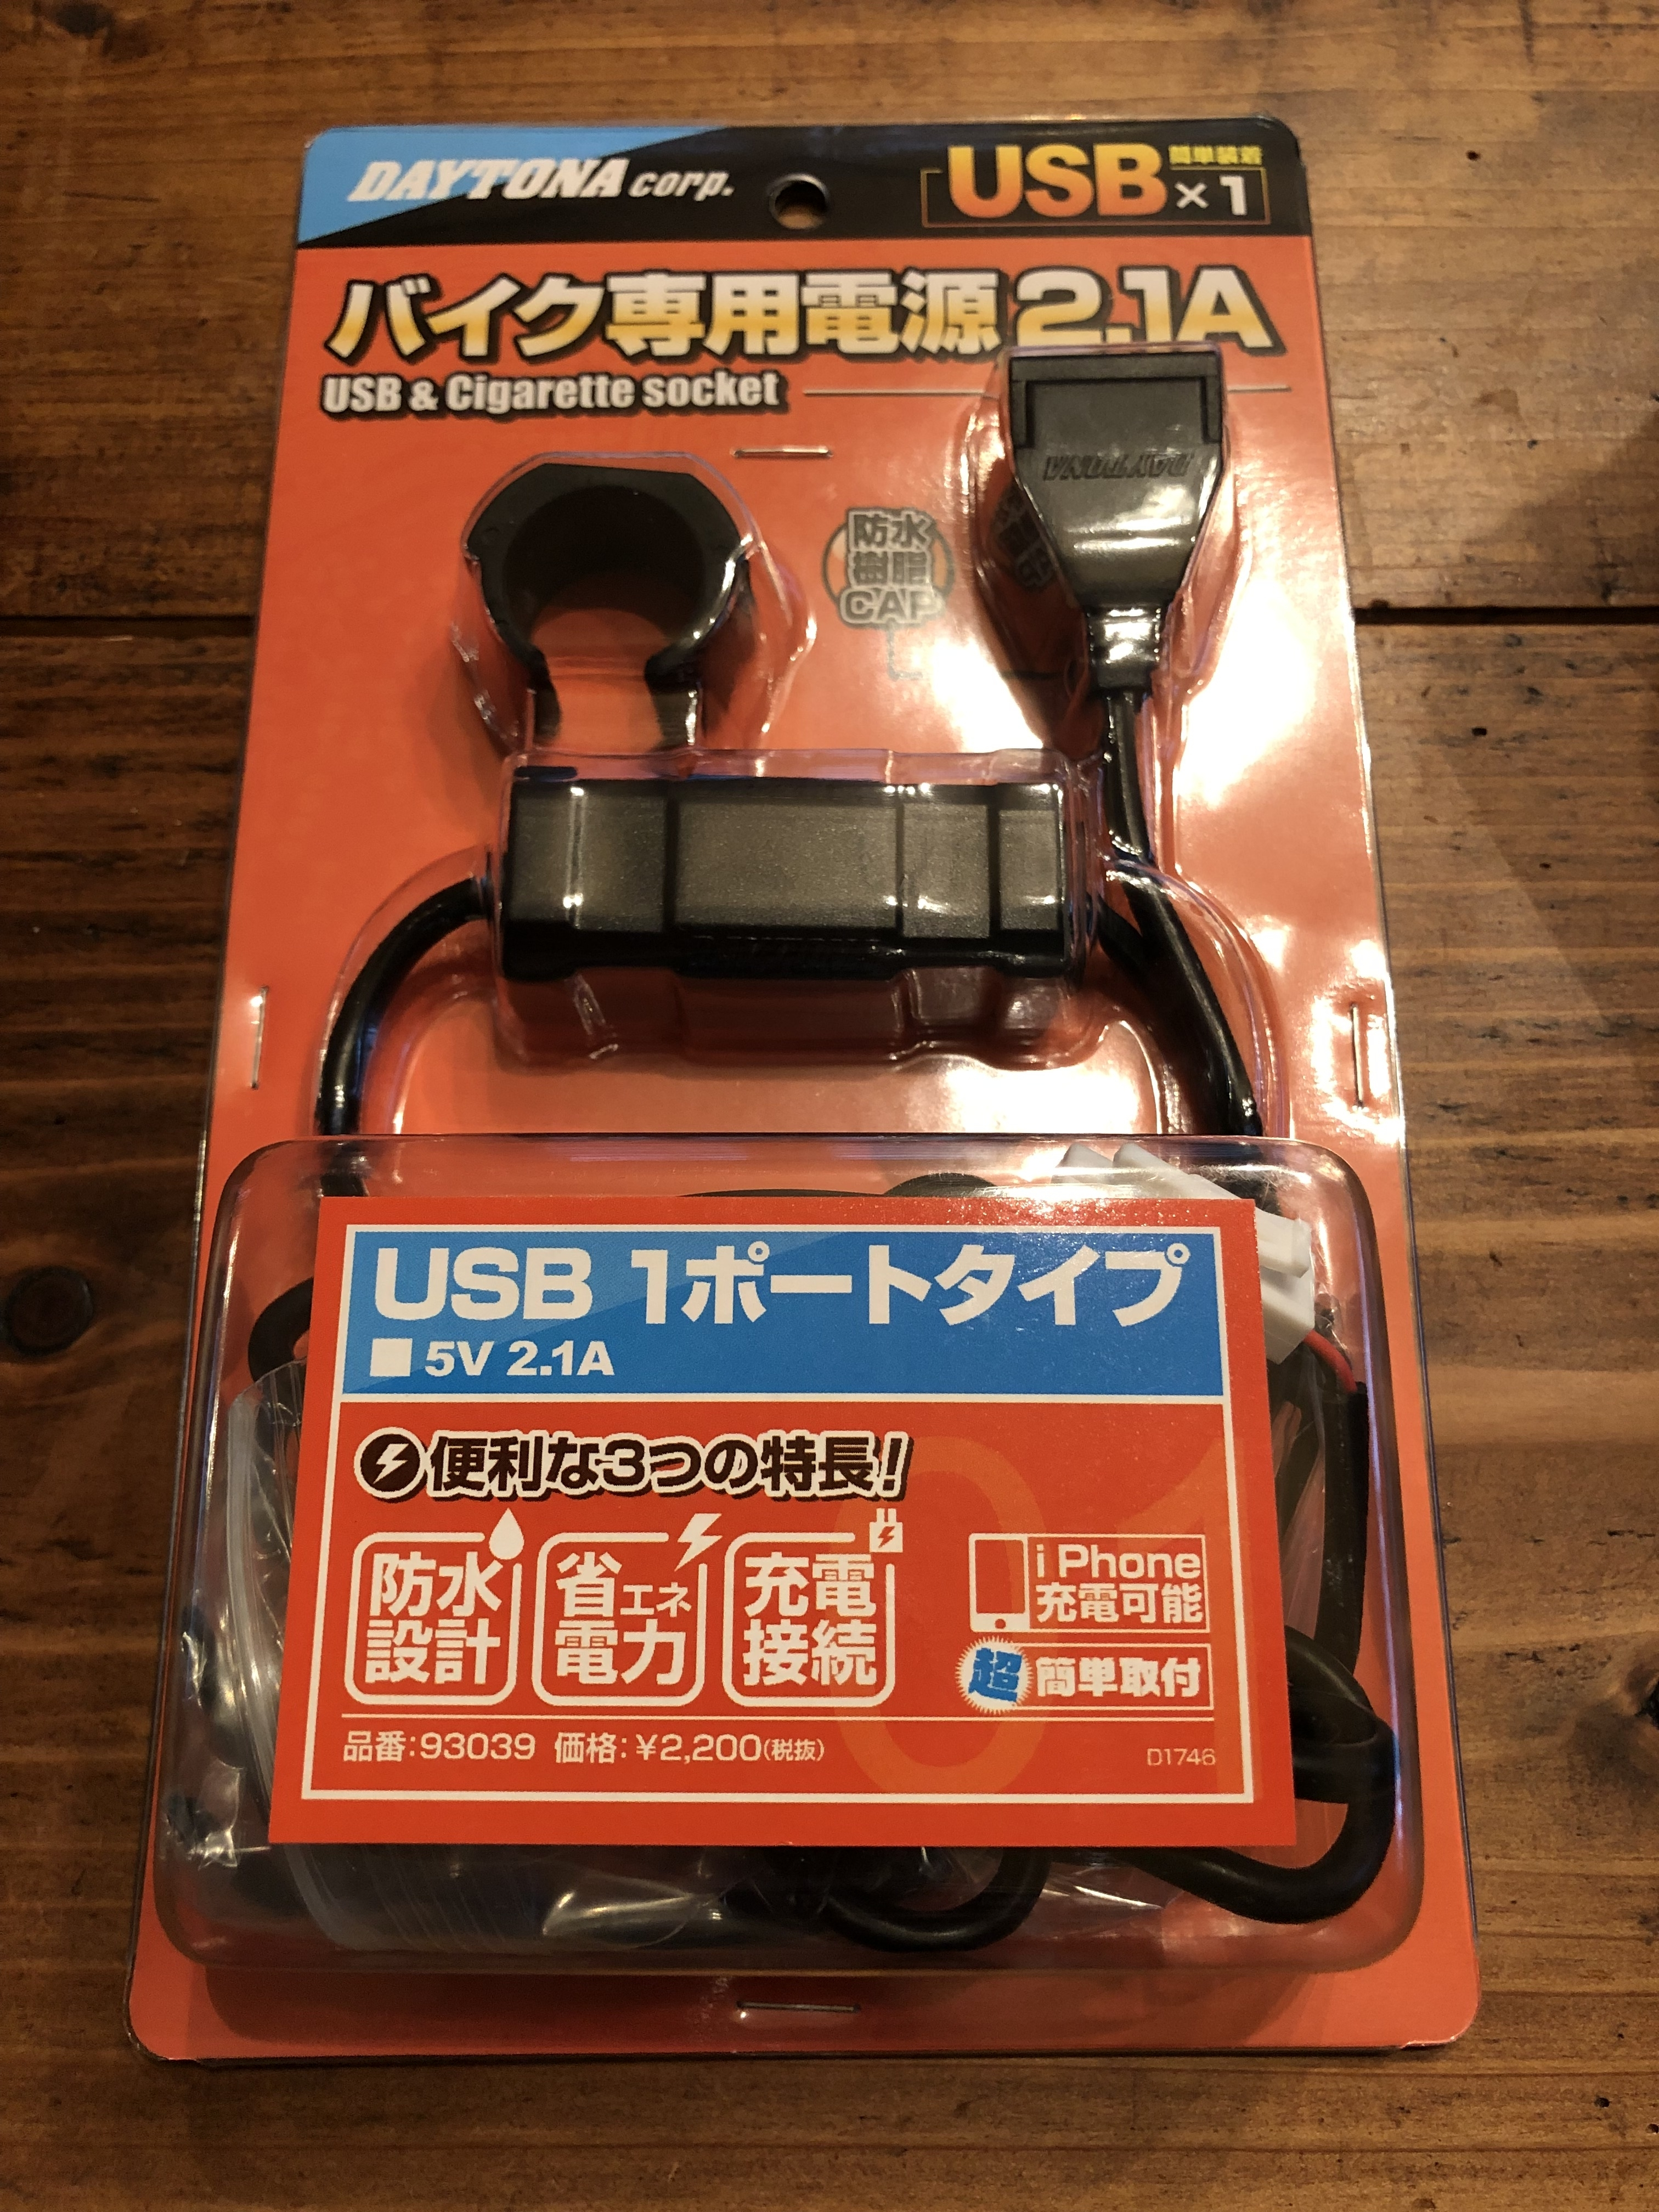 ハーレー ダイナ デイトナ USBポート取り付け